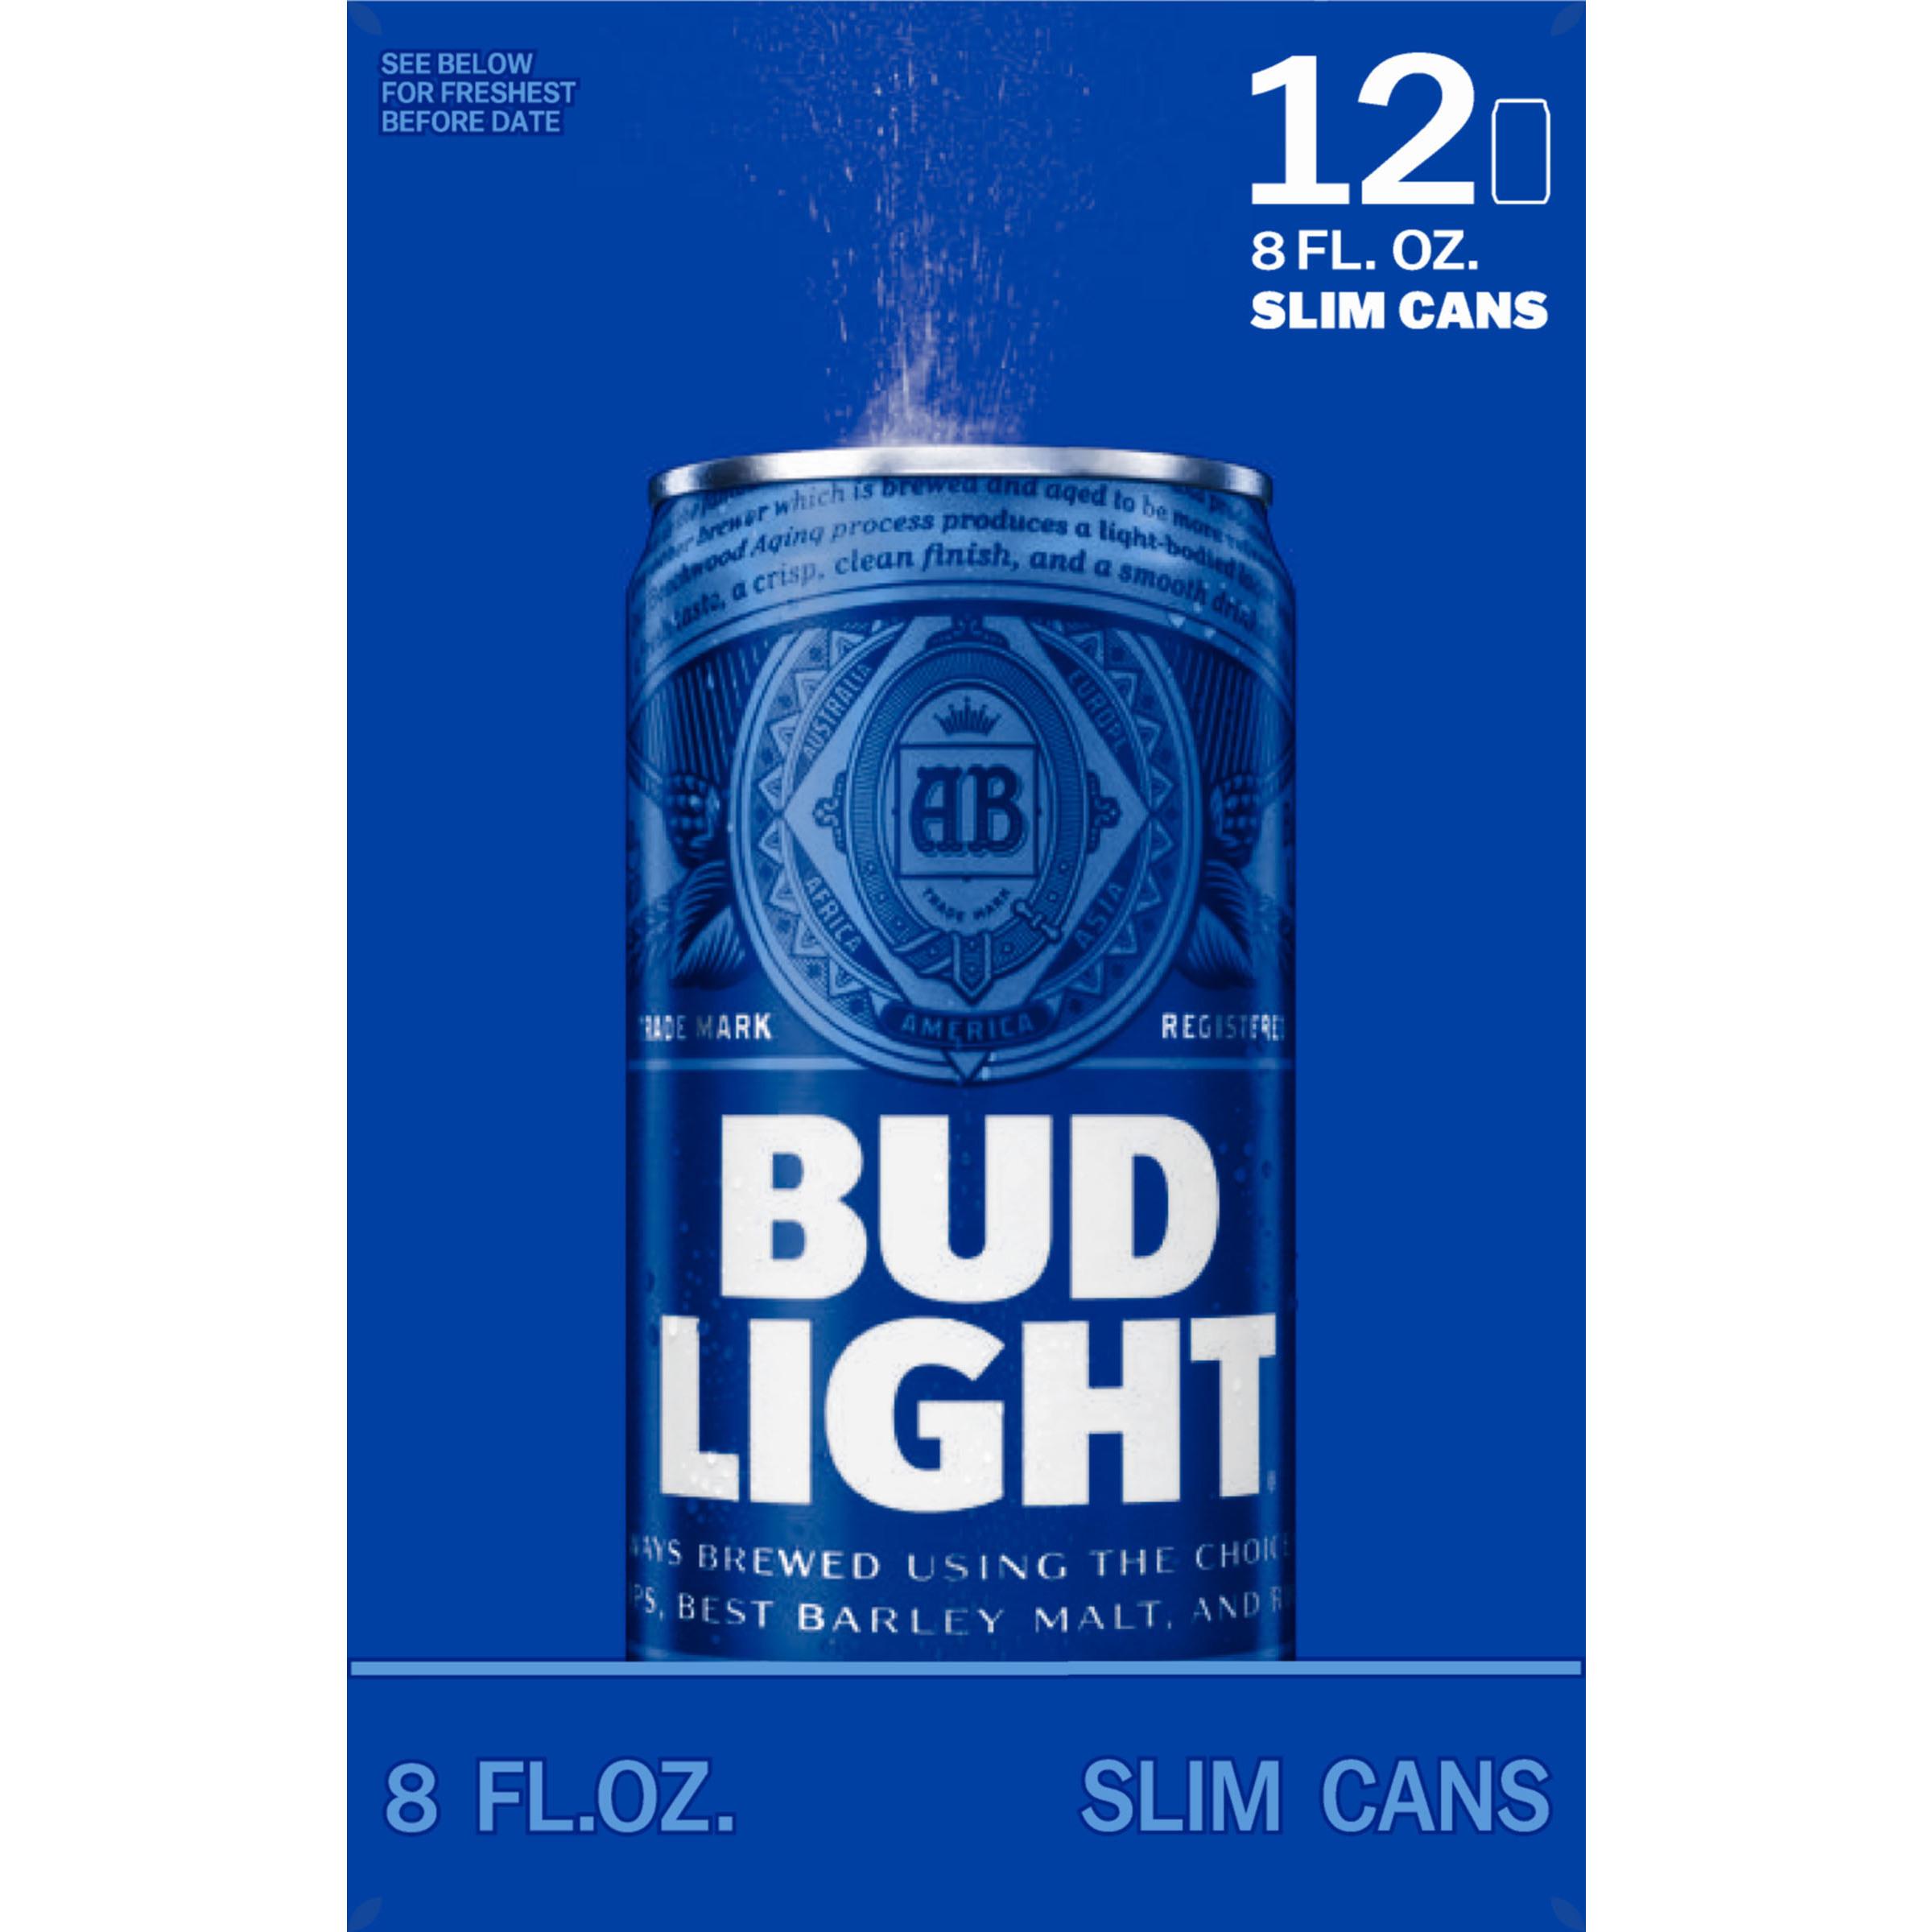 bud light beer 12 8 fl oz cans walmart com